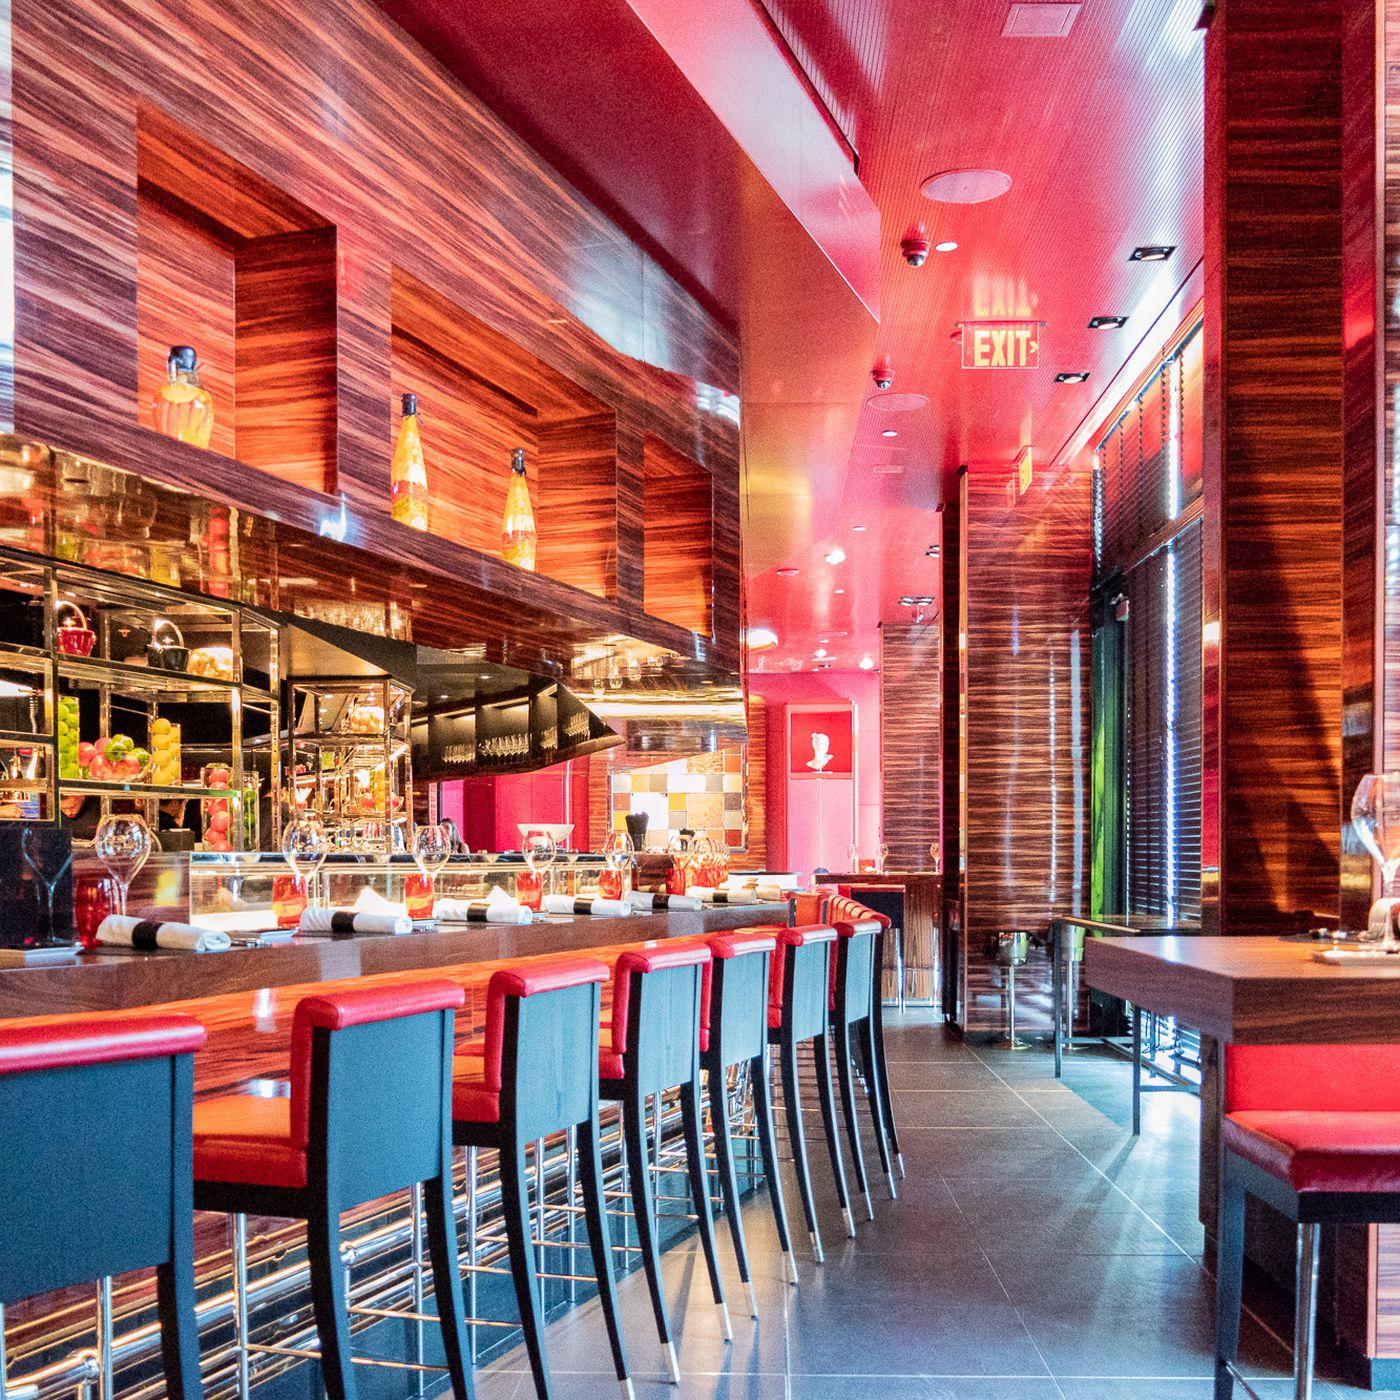 L Atelier De Joel Robuchon Opens In The Miami Design District Eater Miami